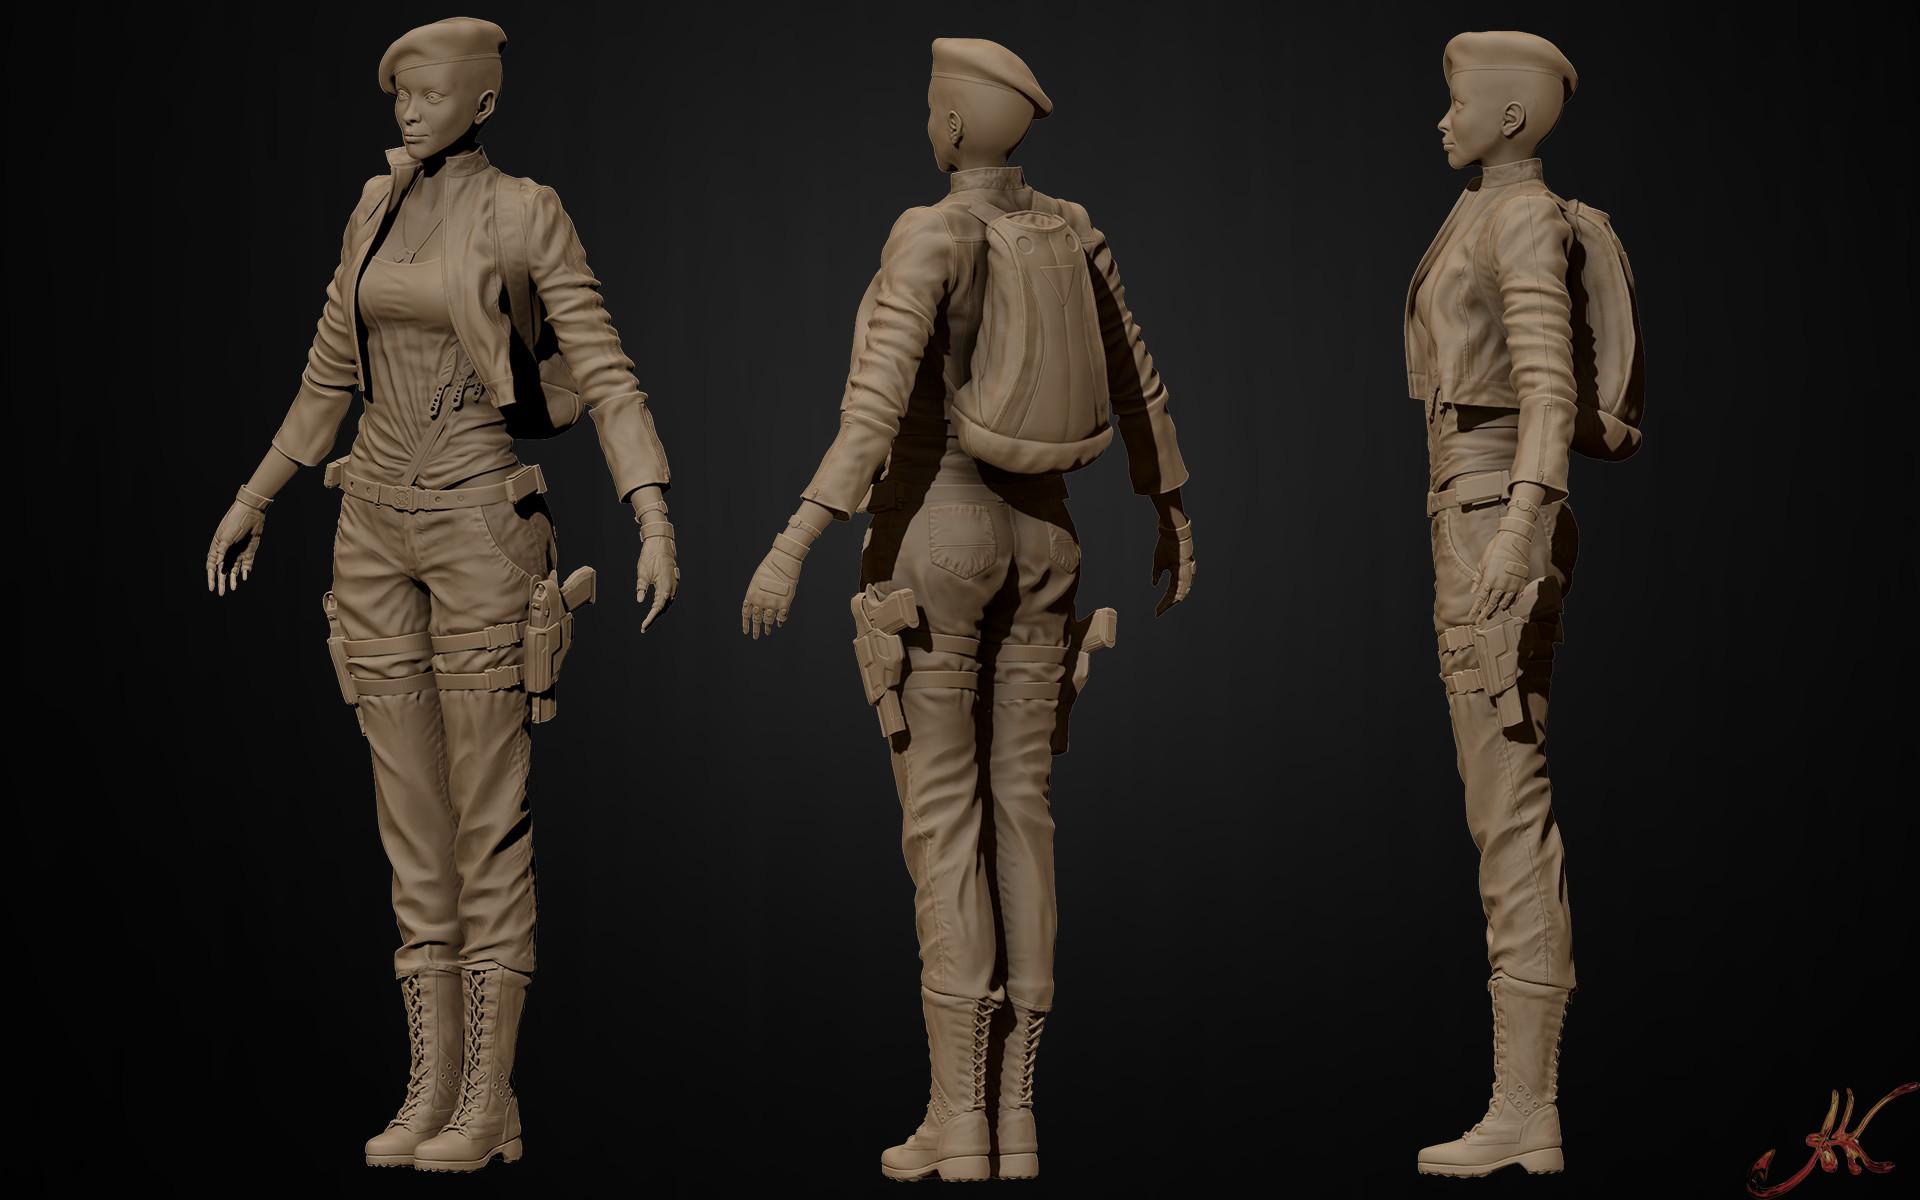 Andrej klimov sculptdemocomposition